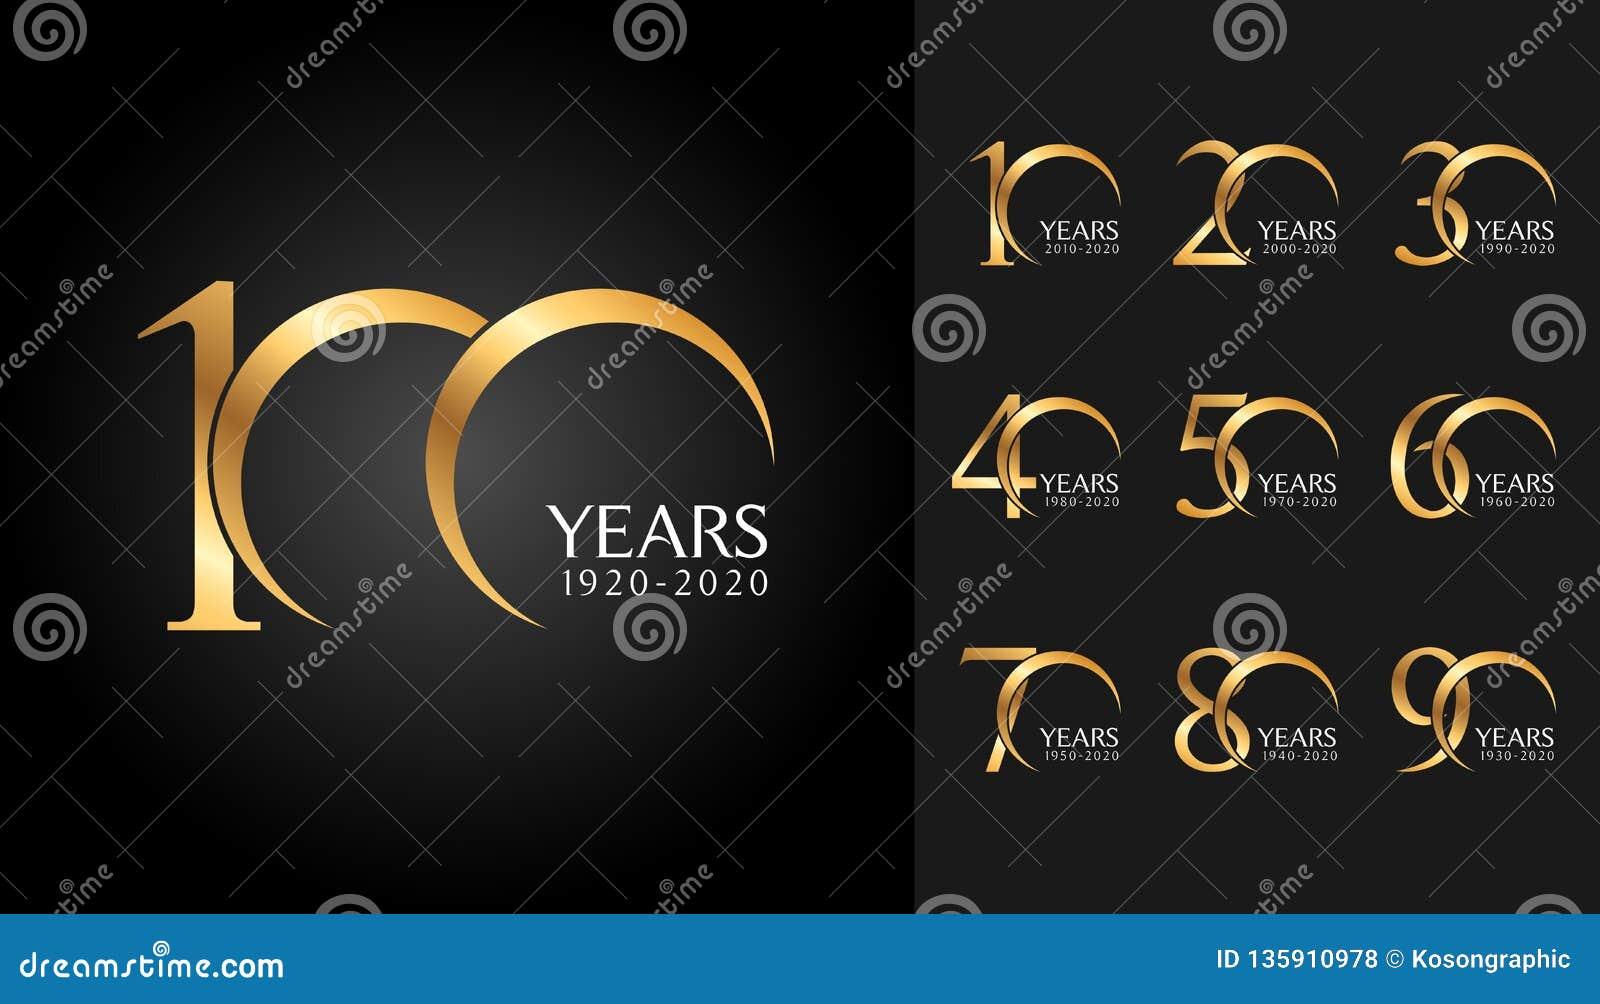 Set of anniversary badges. Golden anniversary celebration emblem design for company profile, booklet, leaflet, magazine, brochure